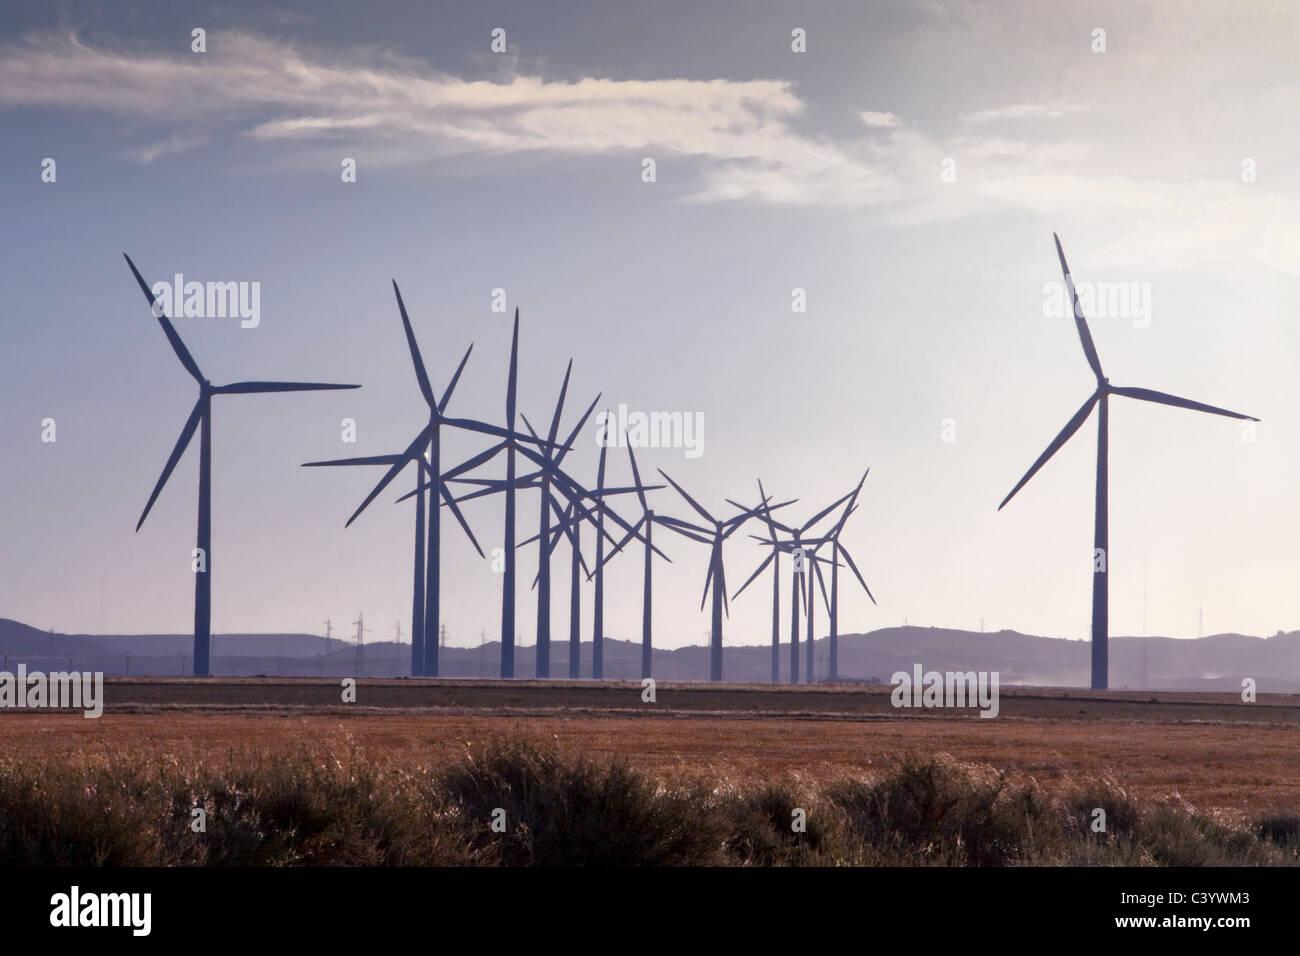 Spagna, Europa, Aragona, fattoria eolica, l'energia eolica, la turbina eolica, l'energia, con Belchite, Immagini Stock